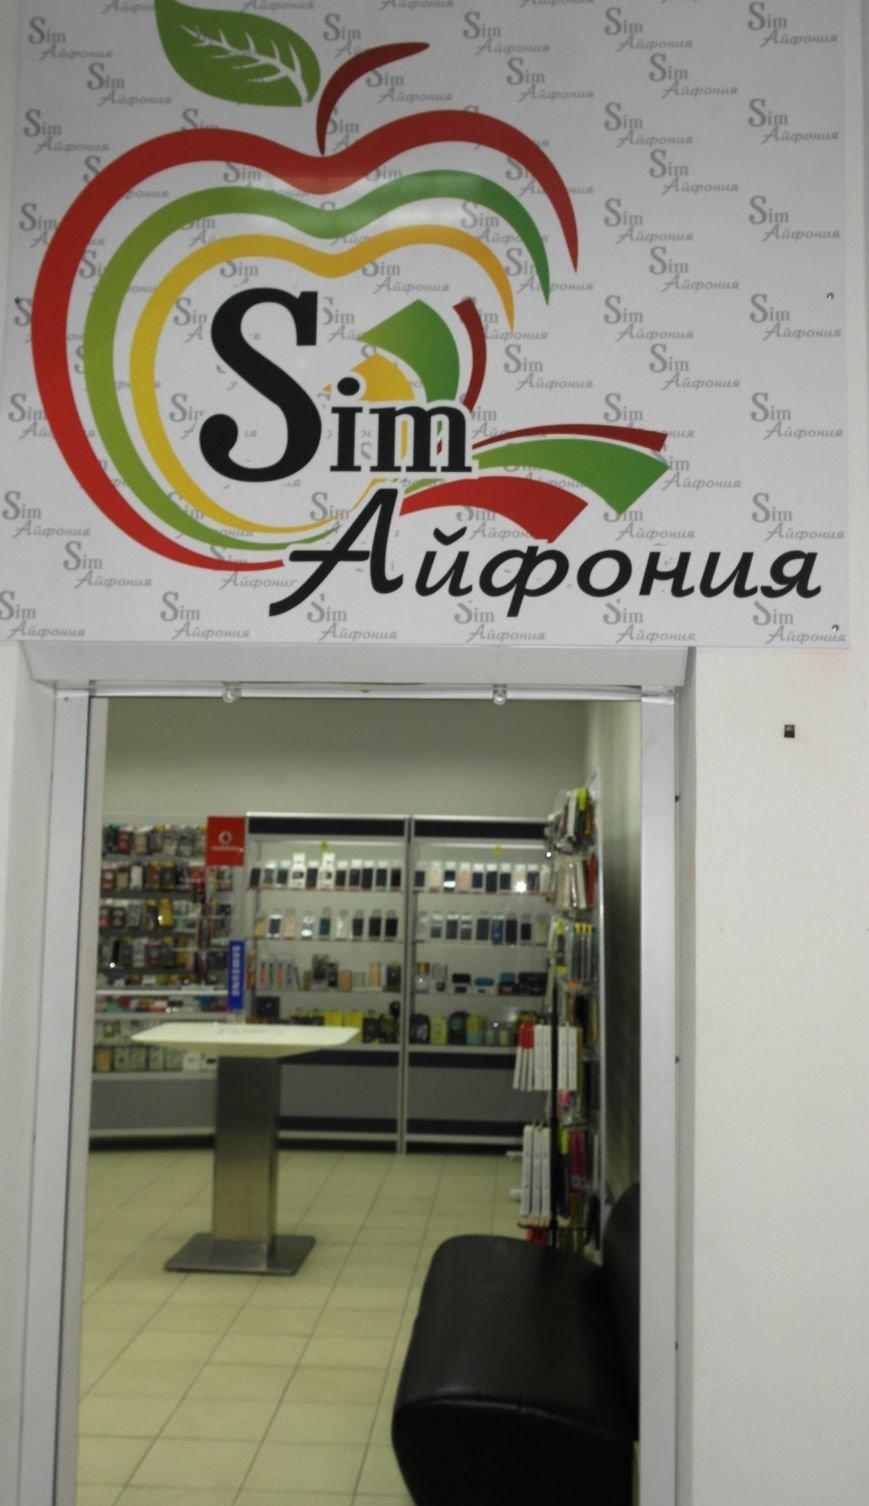 Салон мобильной связи SIM-Айфония в Покровске делает весенние скидки своим клиентам!, фото-2